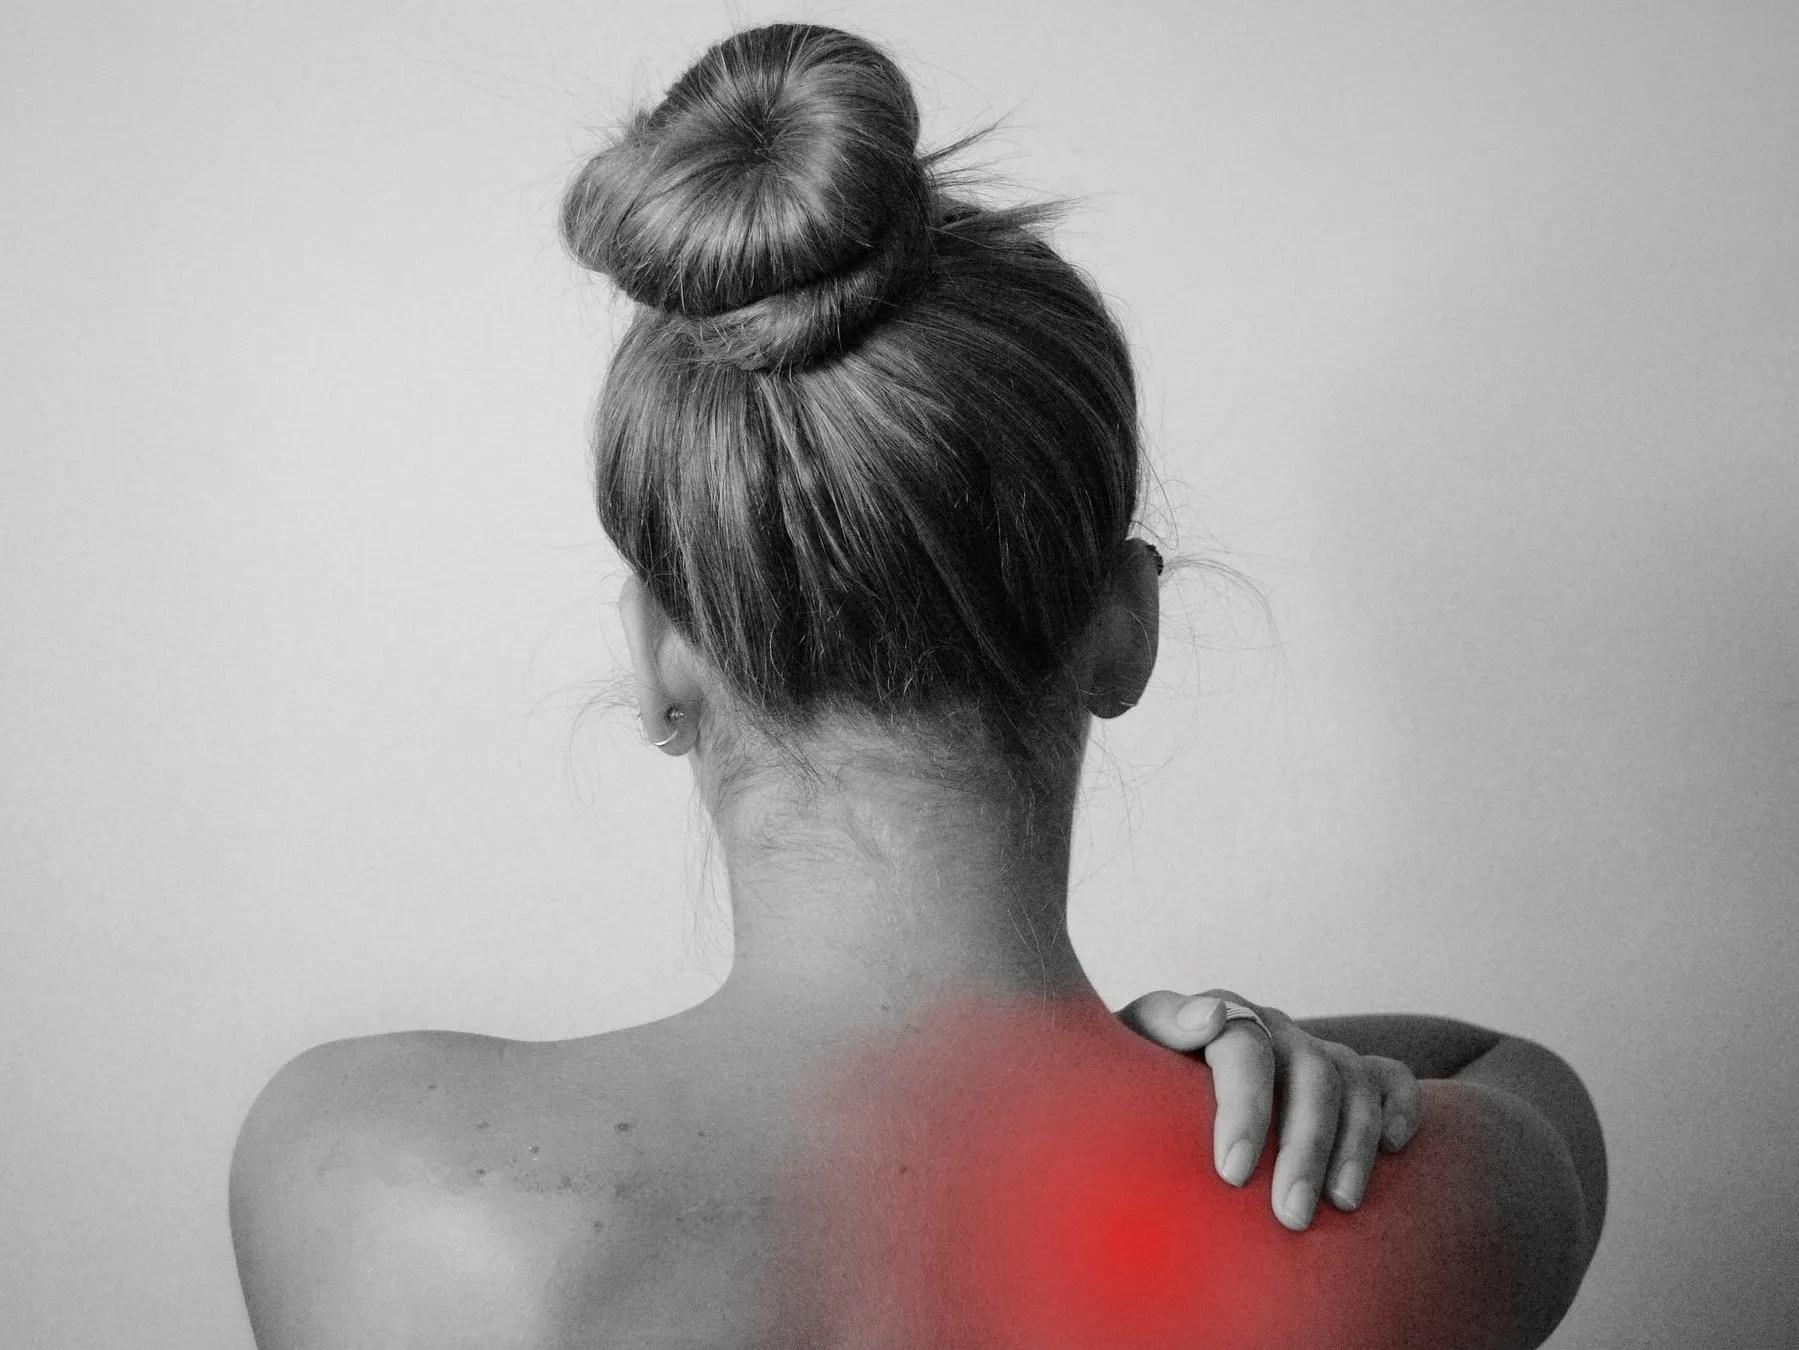 Antidepressants do not work for back pain, osteoarthritis: Study